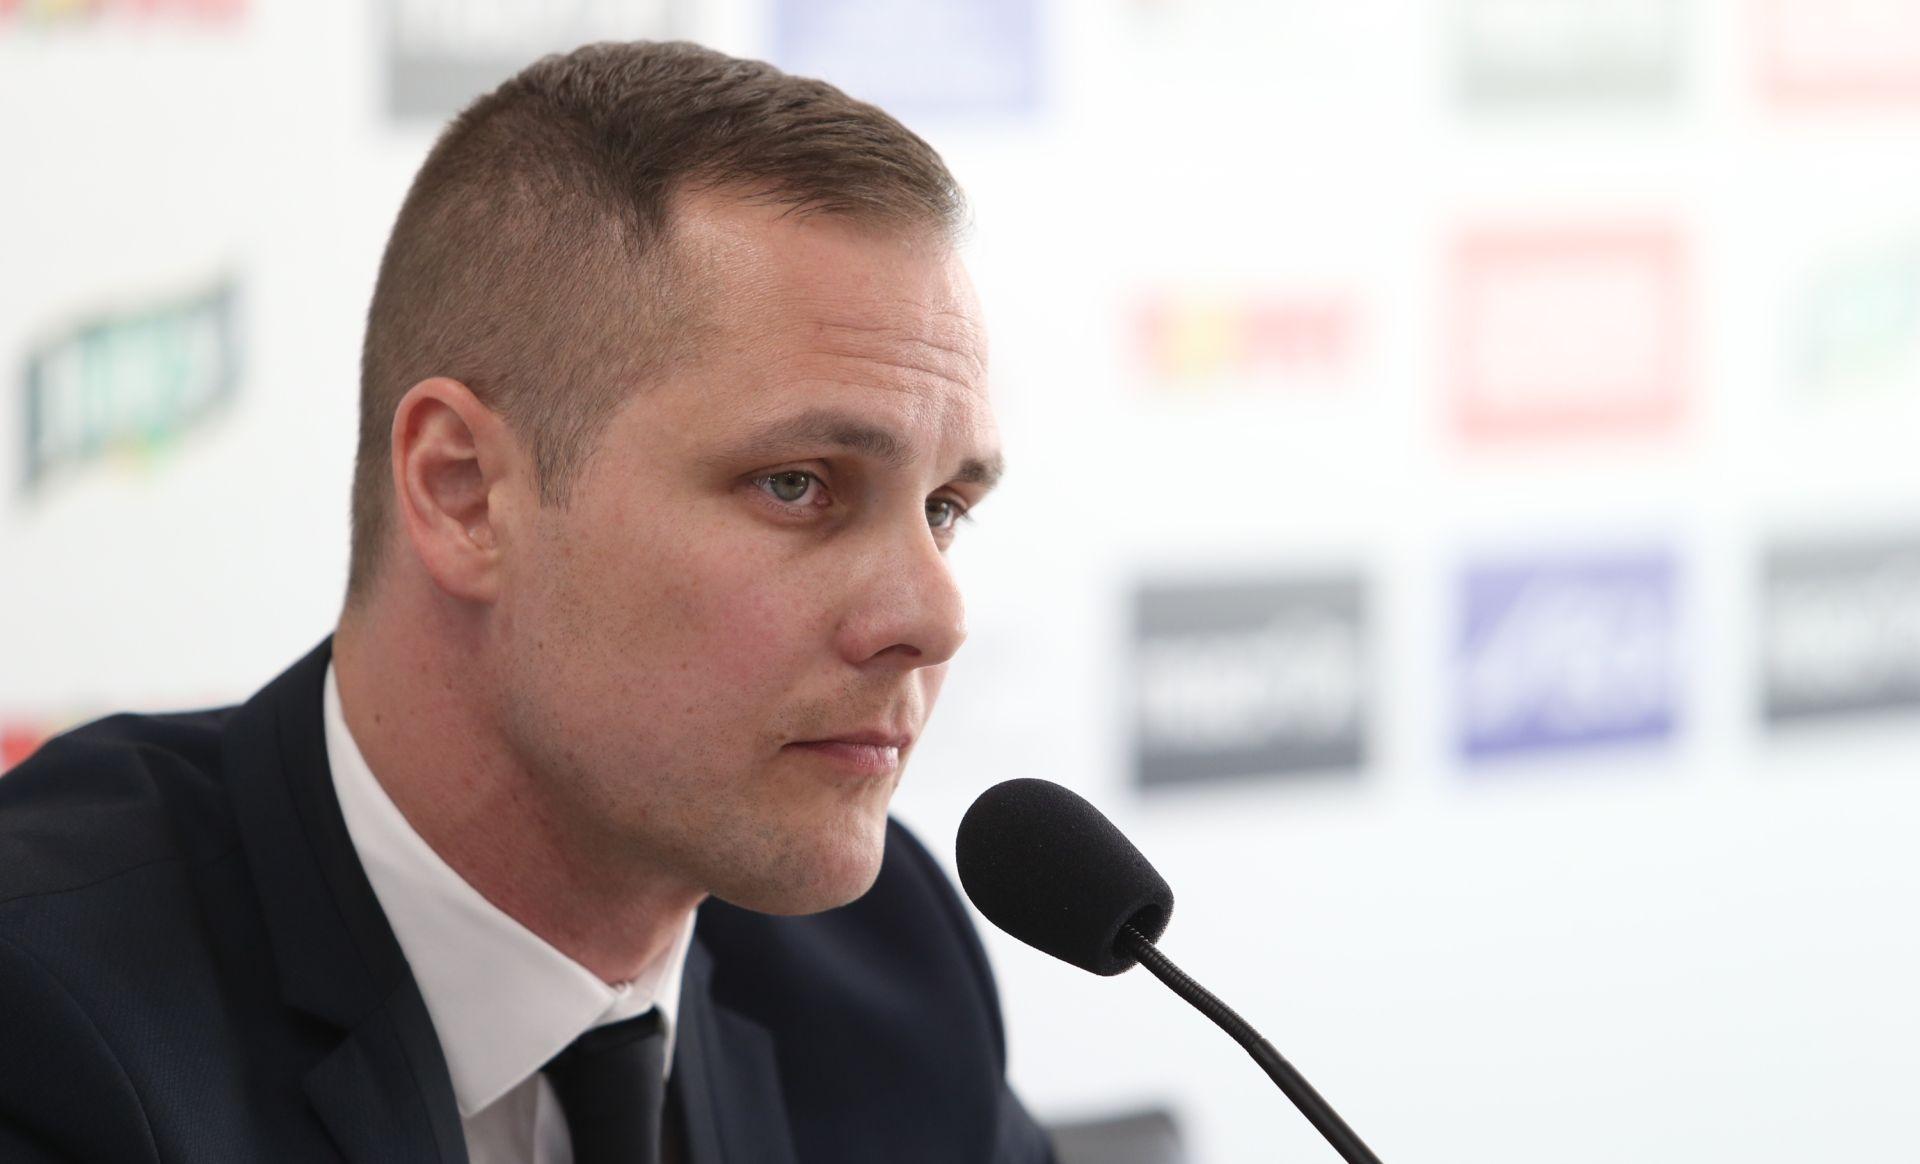 Predsjednika Hajduka napao roditelj prvotimca, podignuta kaznena prijava